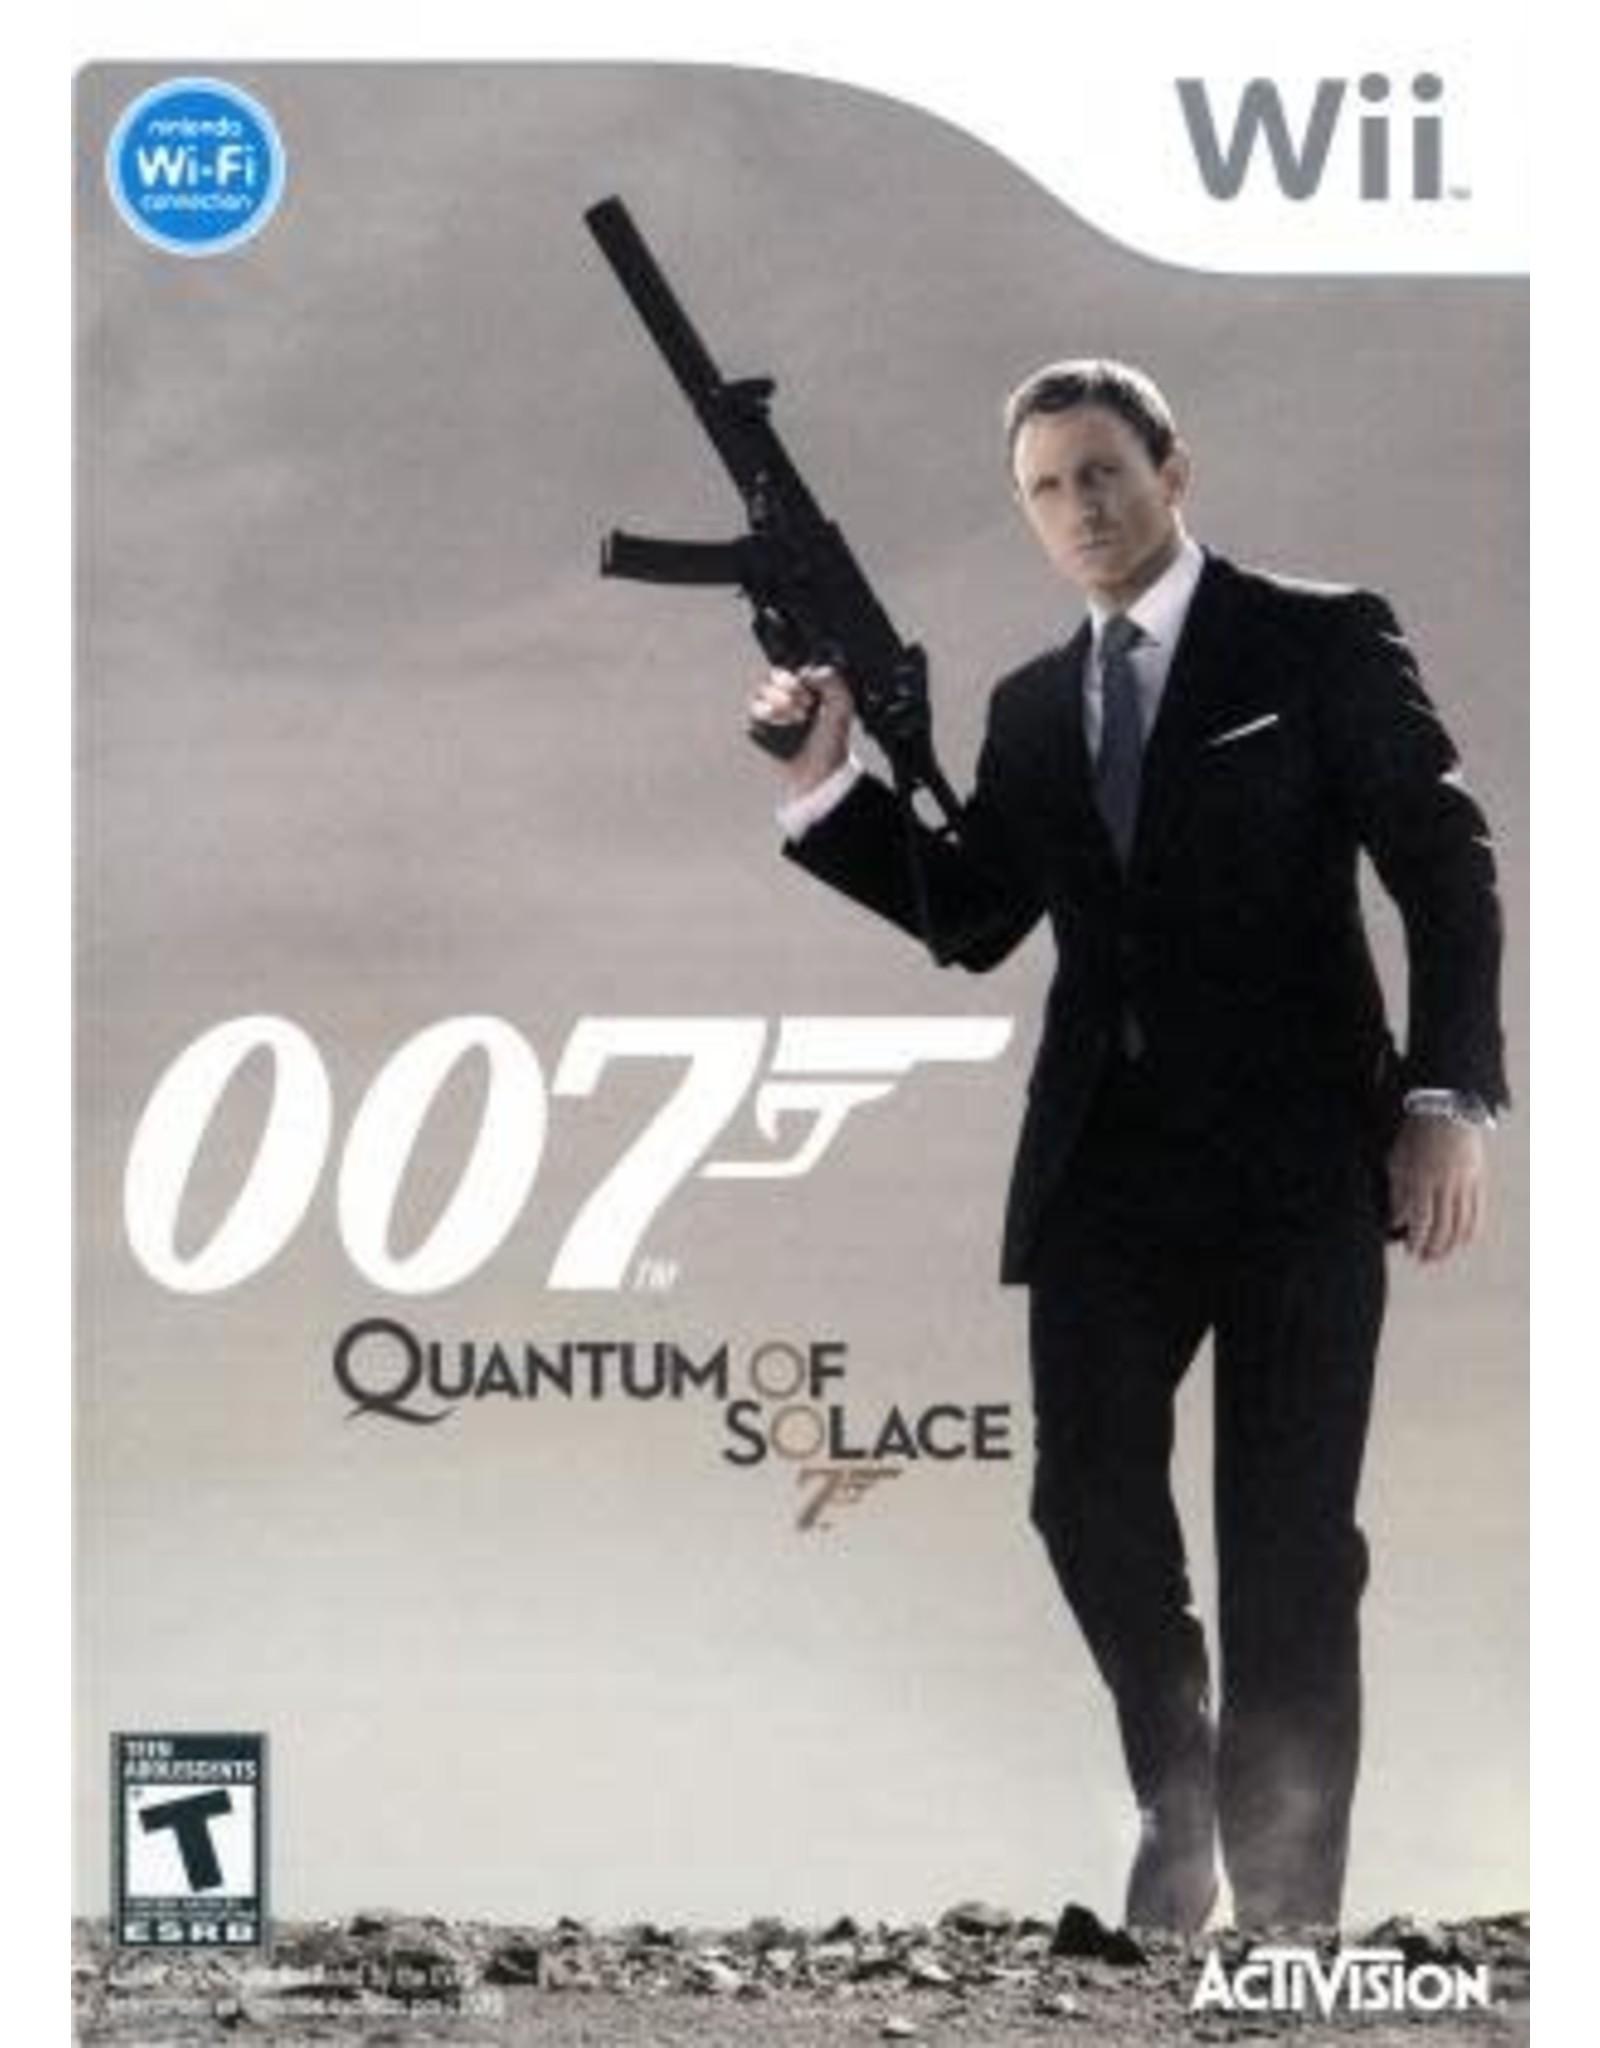 Wii 007 Quantum of Solace (CiB)